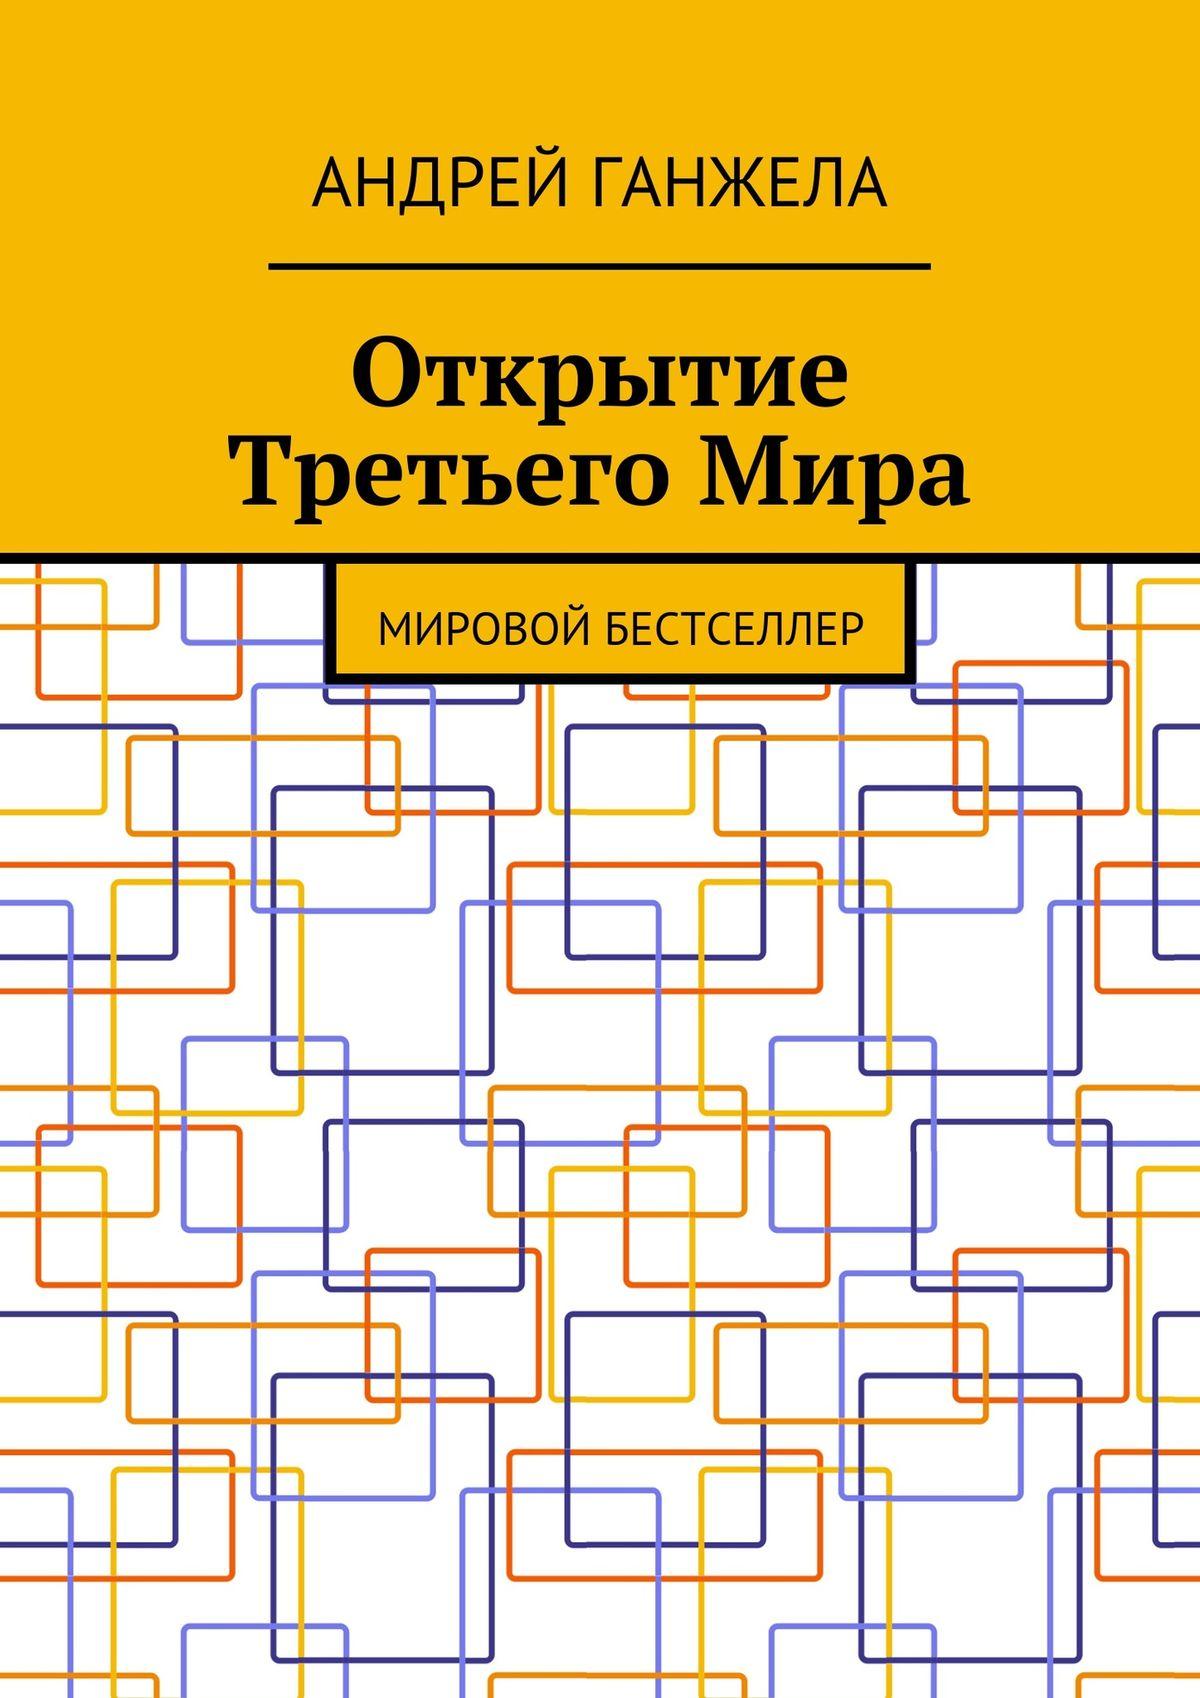 Андрей Ганжела Открытие ТретьегоМира. Мировой бестселлер и в переятенец моё открытие чеченского мира